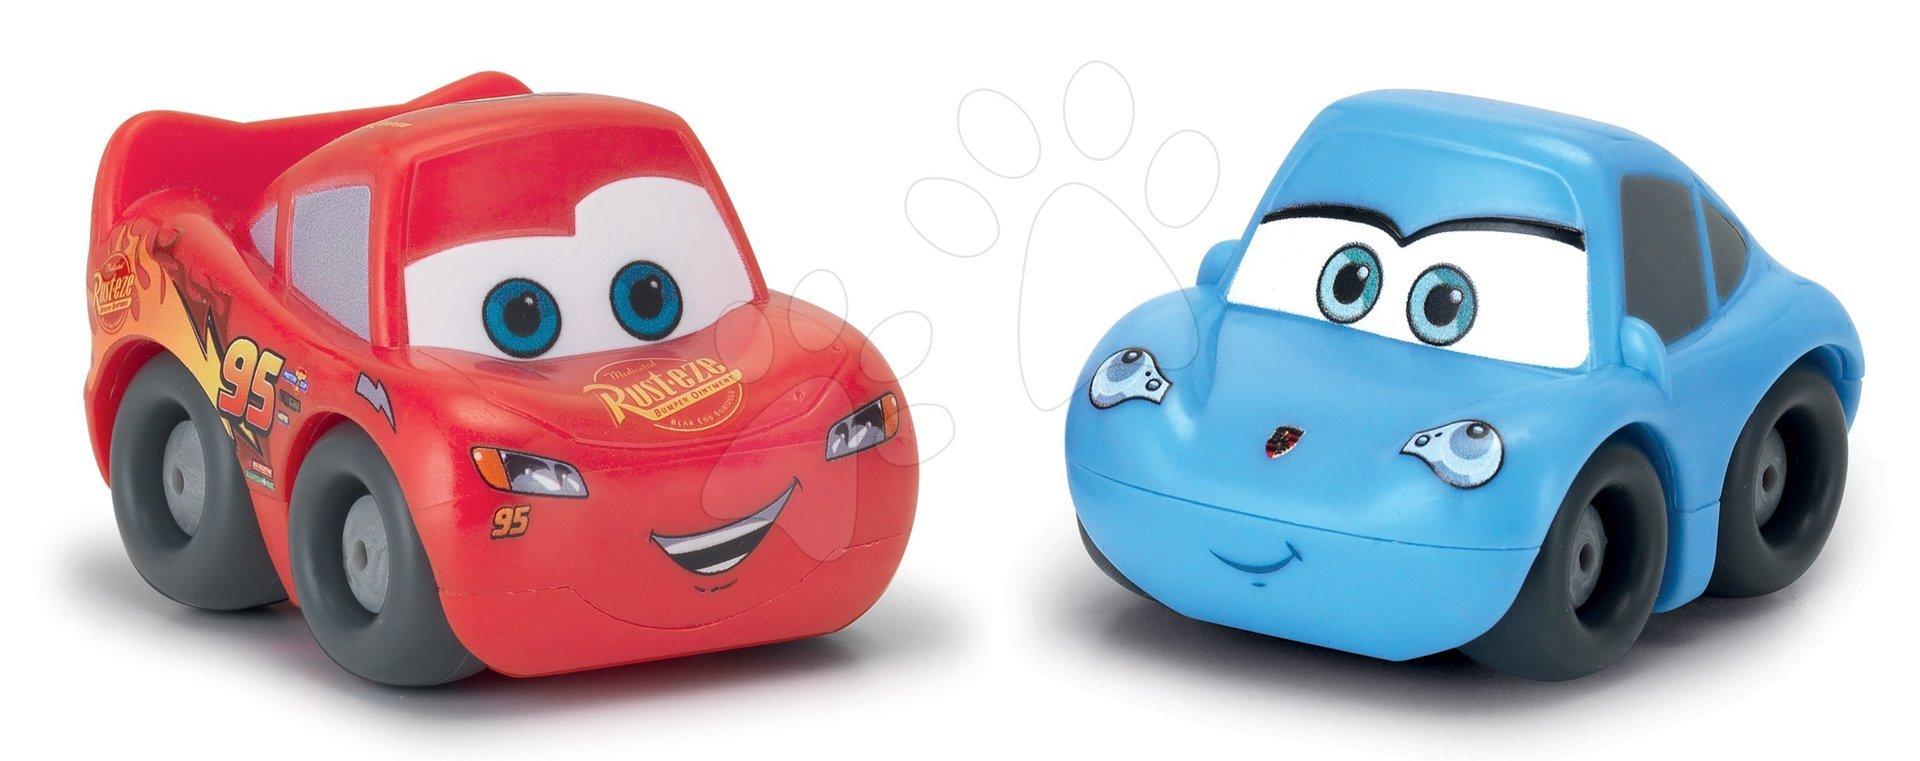 Kisautók 2 fajta Vroom Planet Cars Smoby ajándékcsomagolásban, piros és kék 12 hó-tól